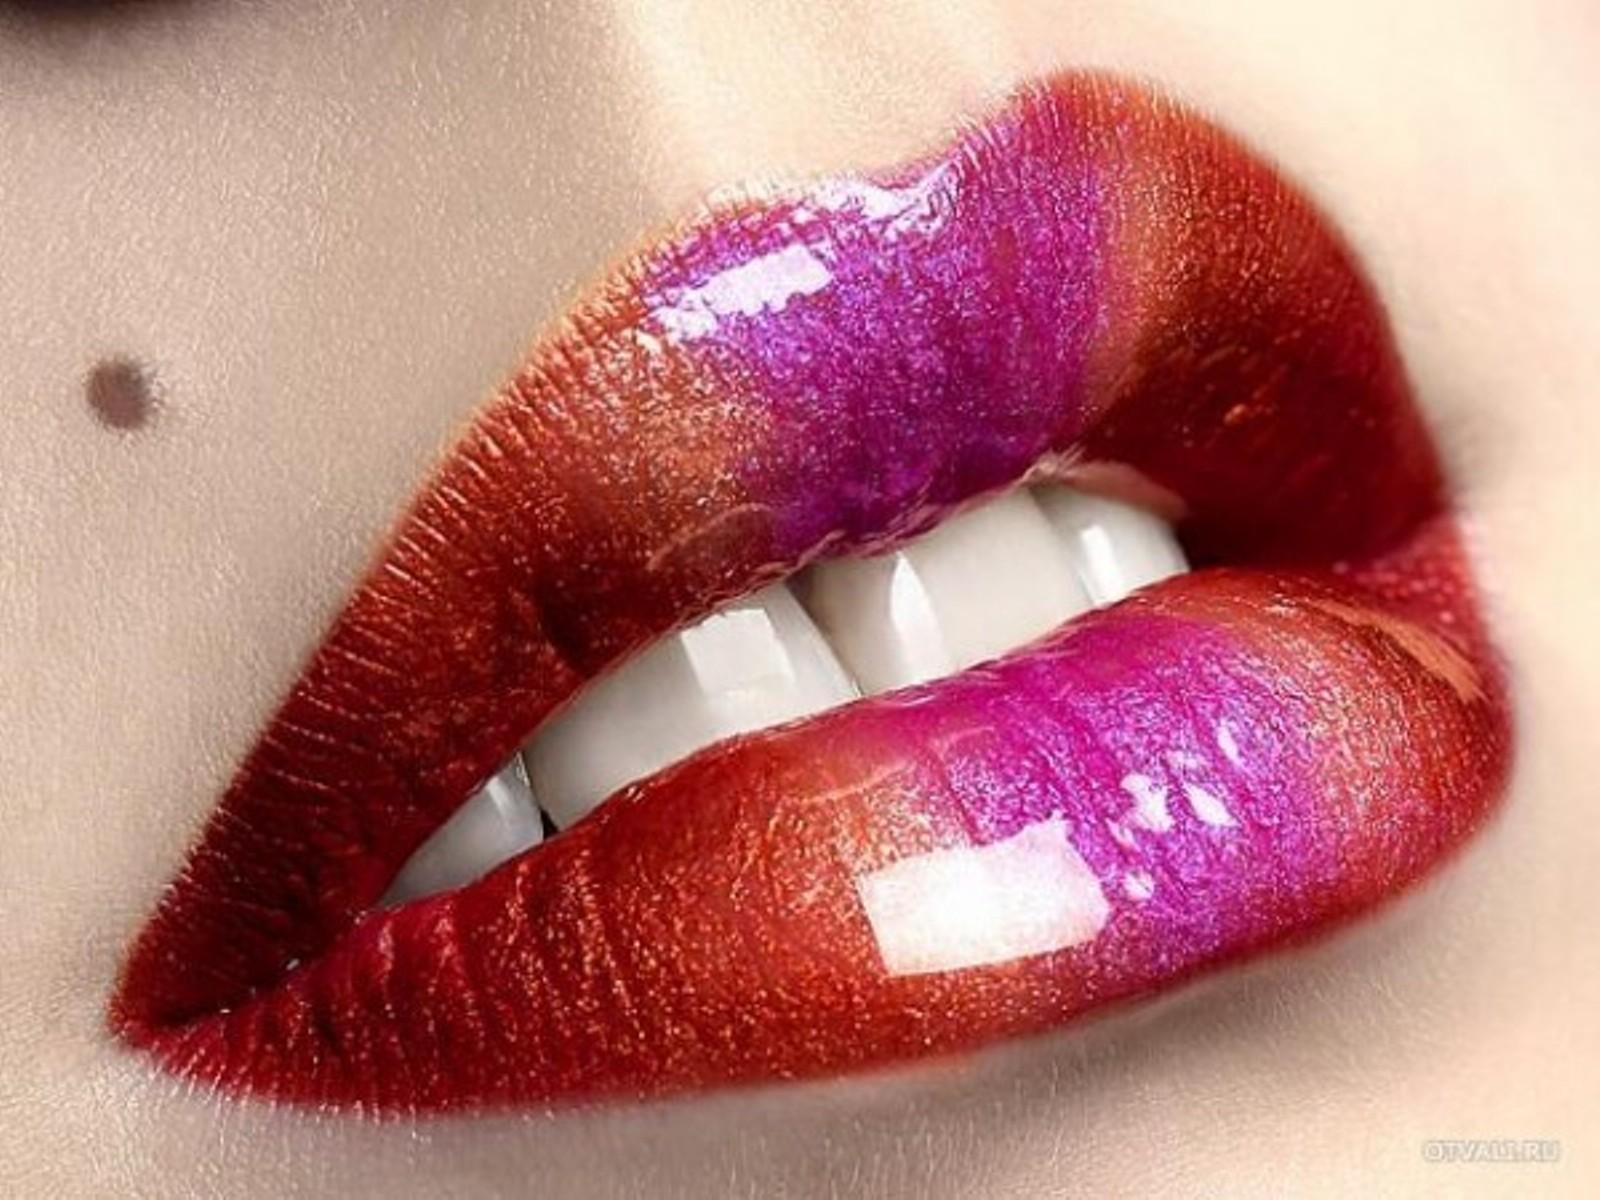 Смотреть бесплатно женские большие губы 14 фотография